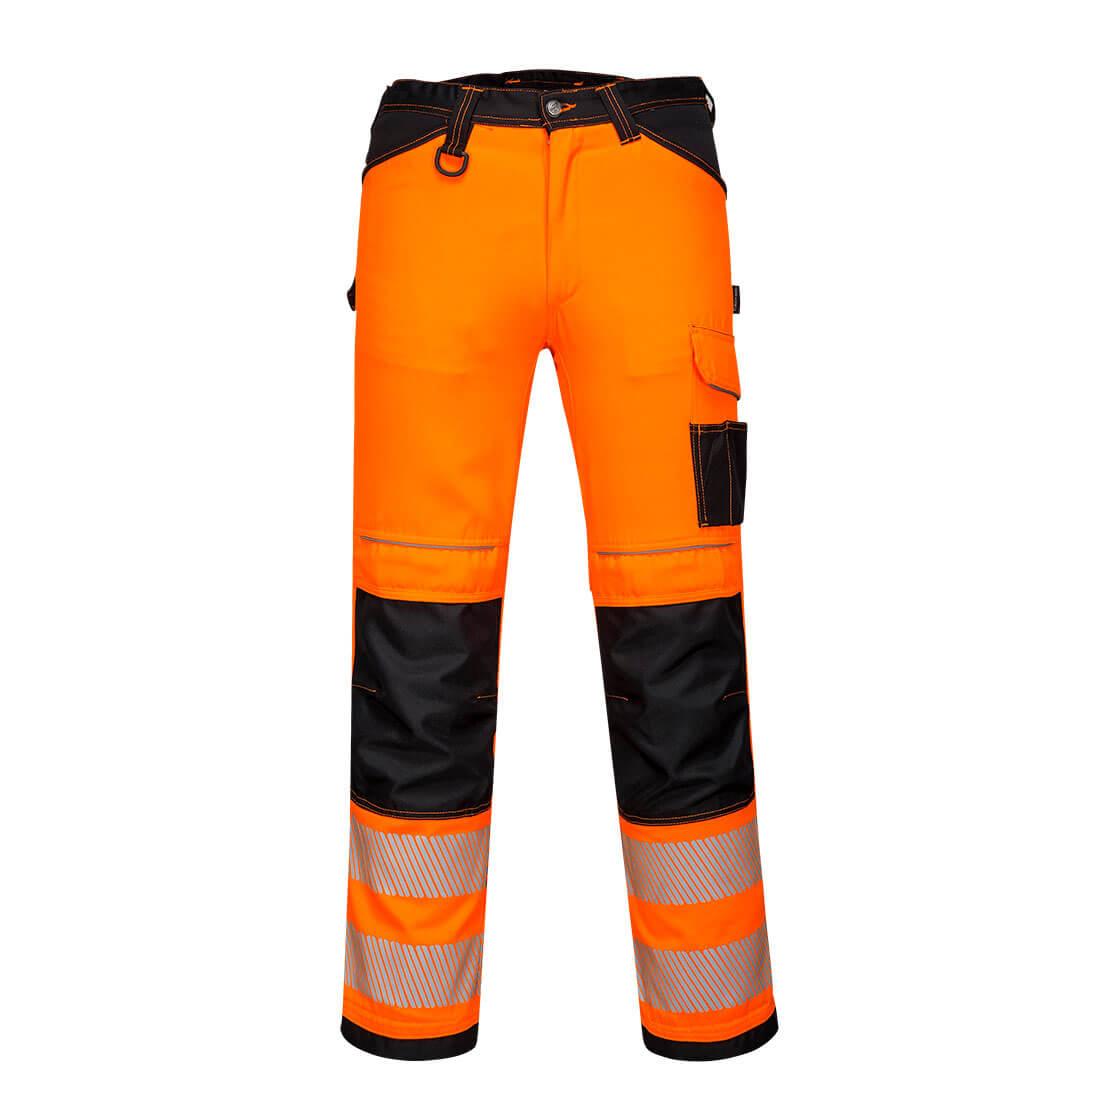 Portwest Hi-Vis Lightweight Trouser - Orange/Black